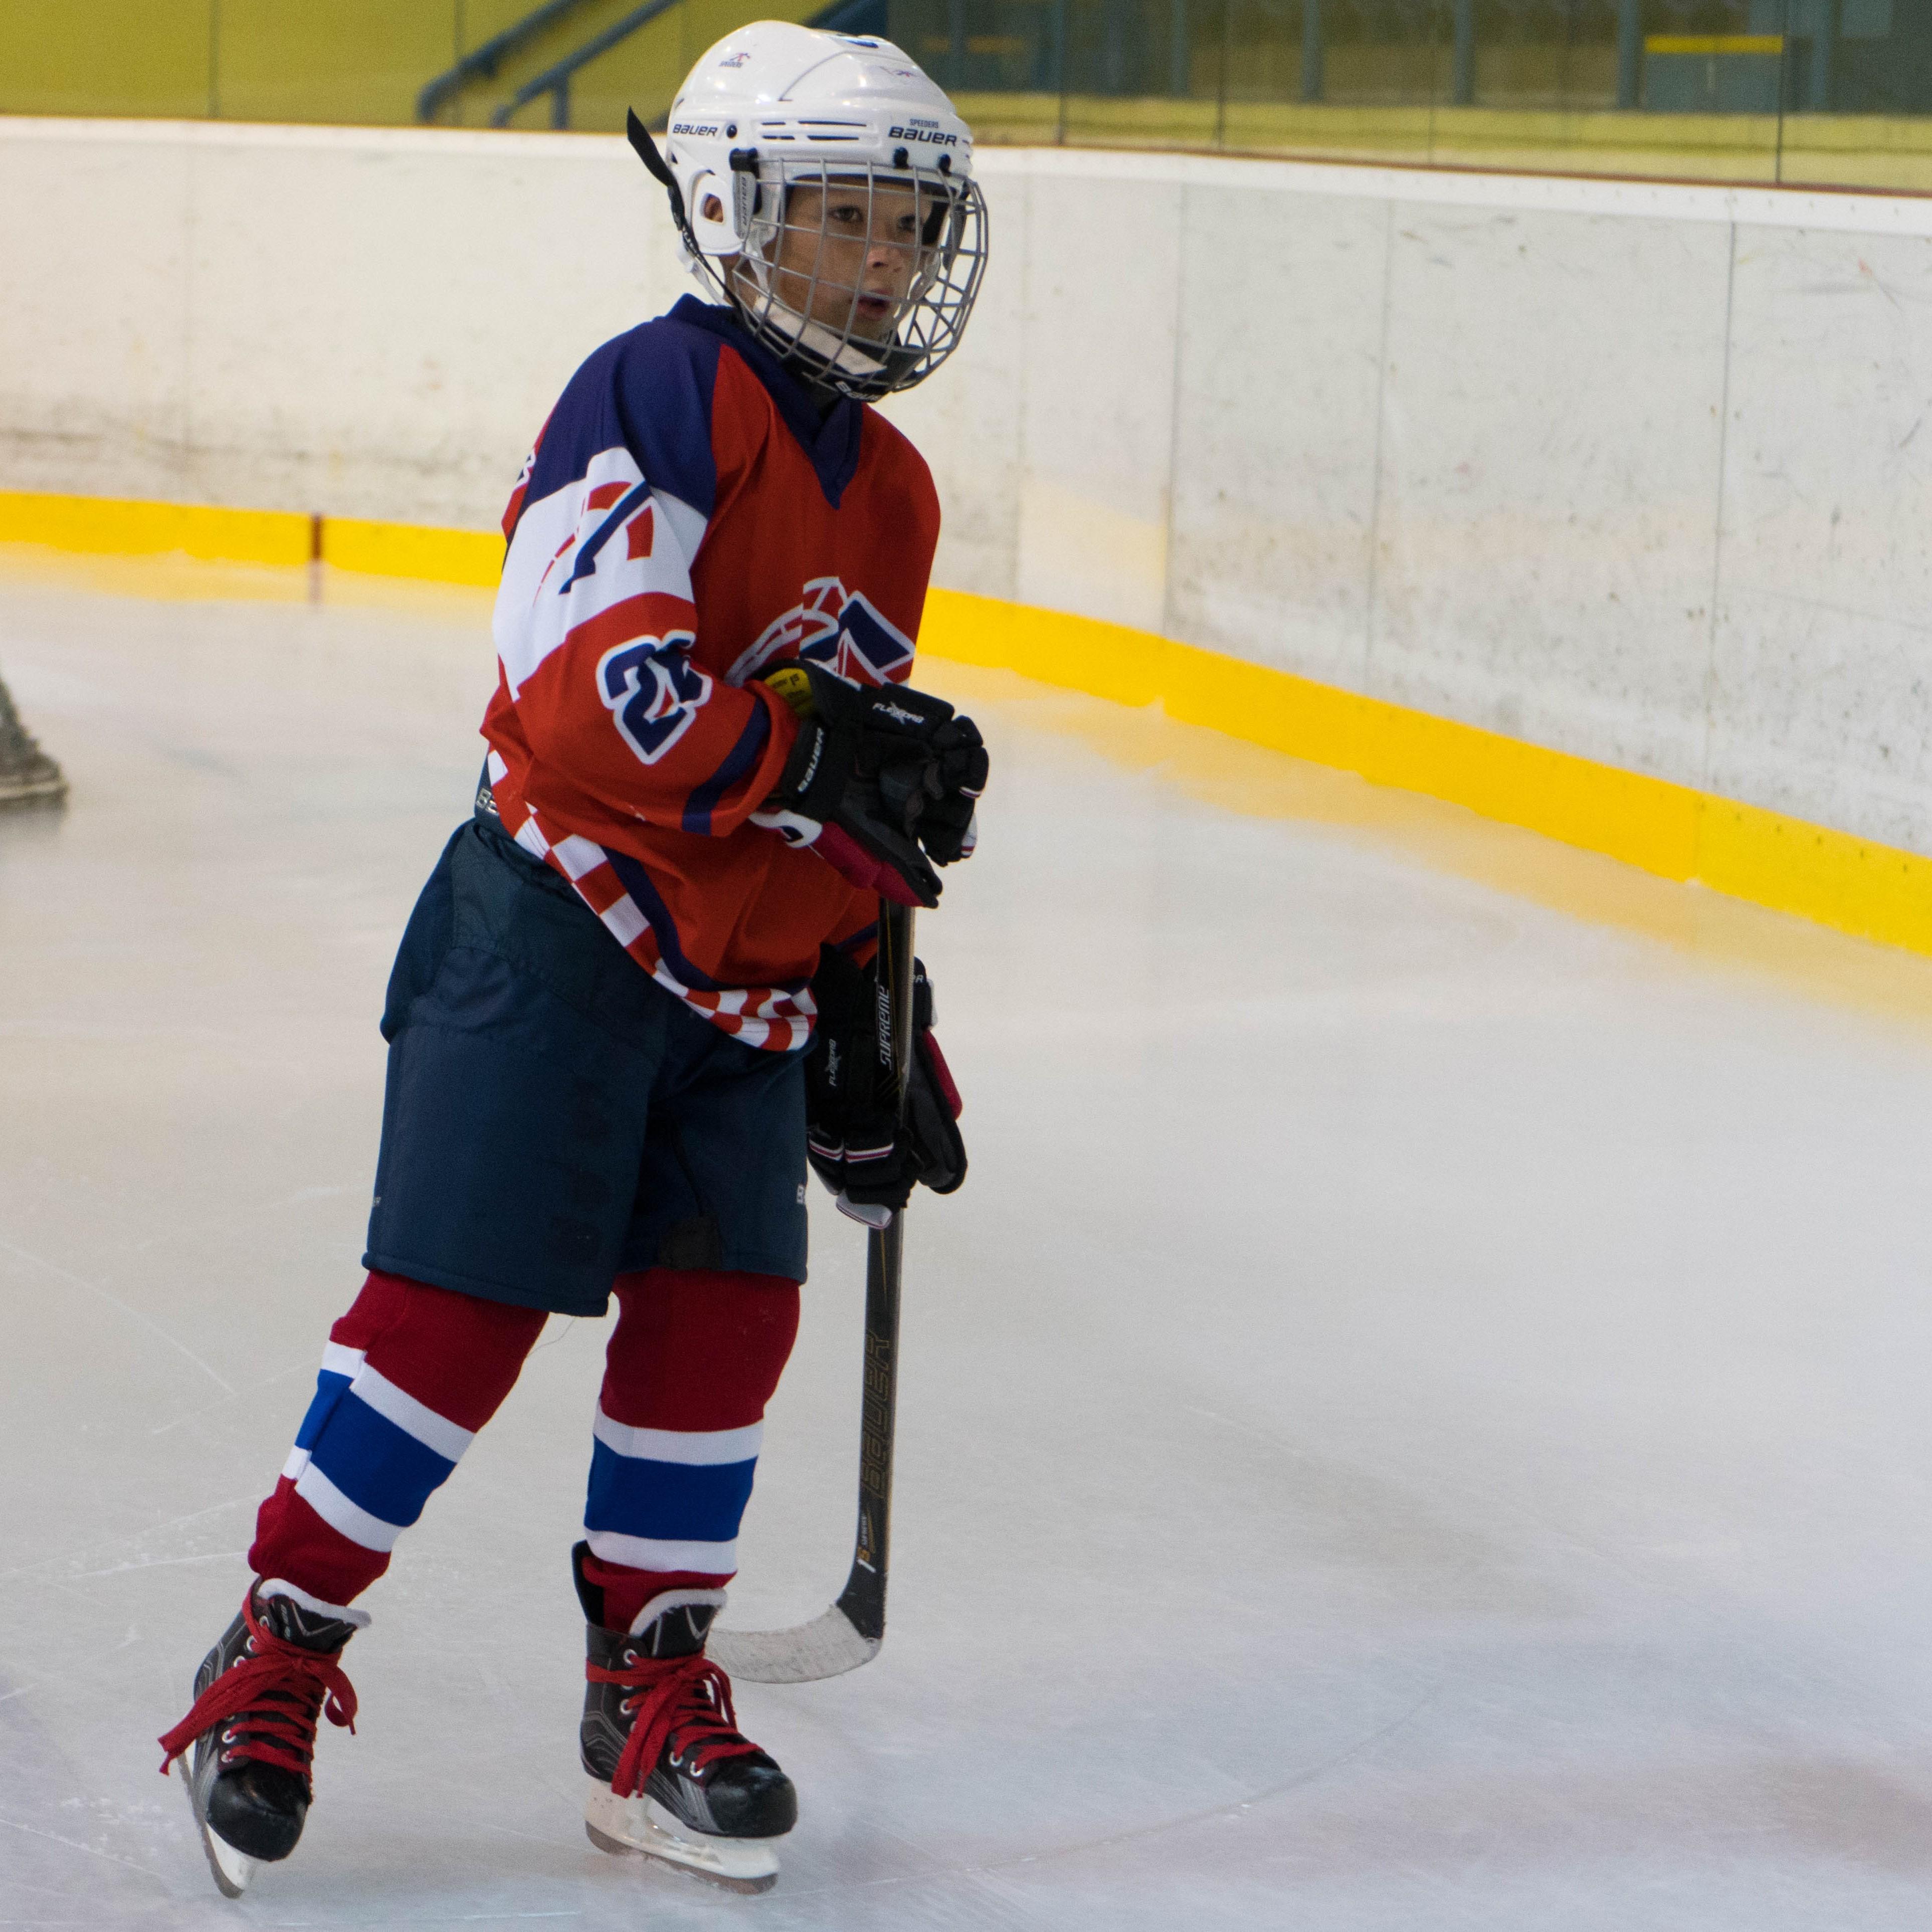 hokejovy turnaj Puchov 2.miesto speeders bratislava hrabovsky